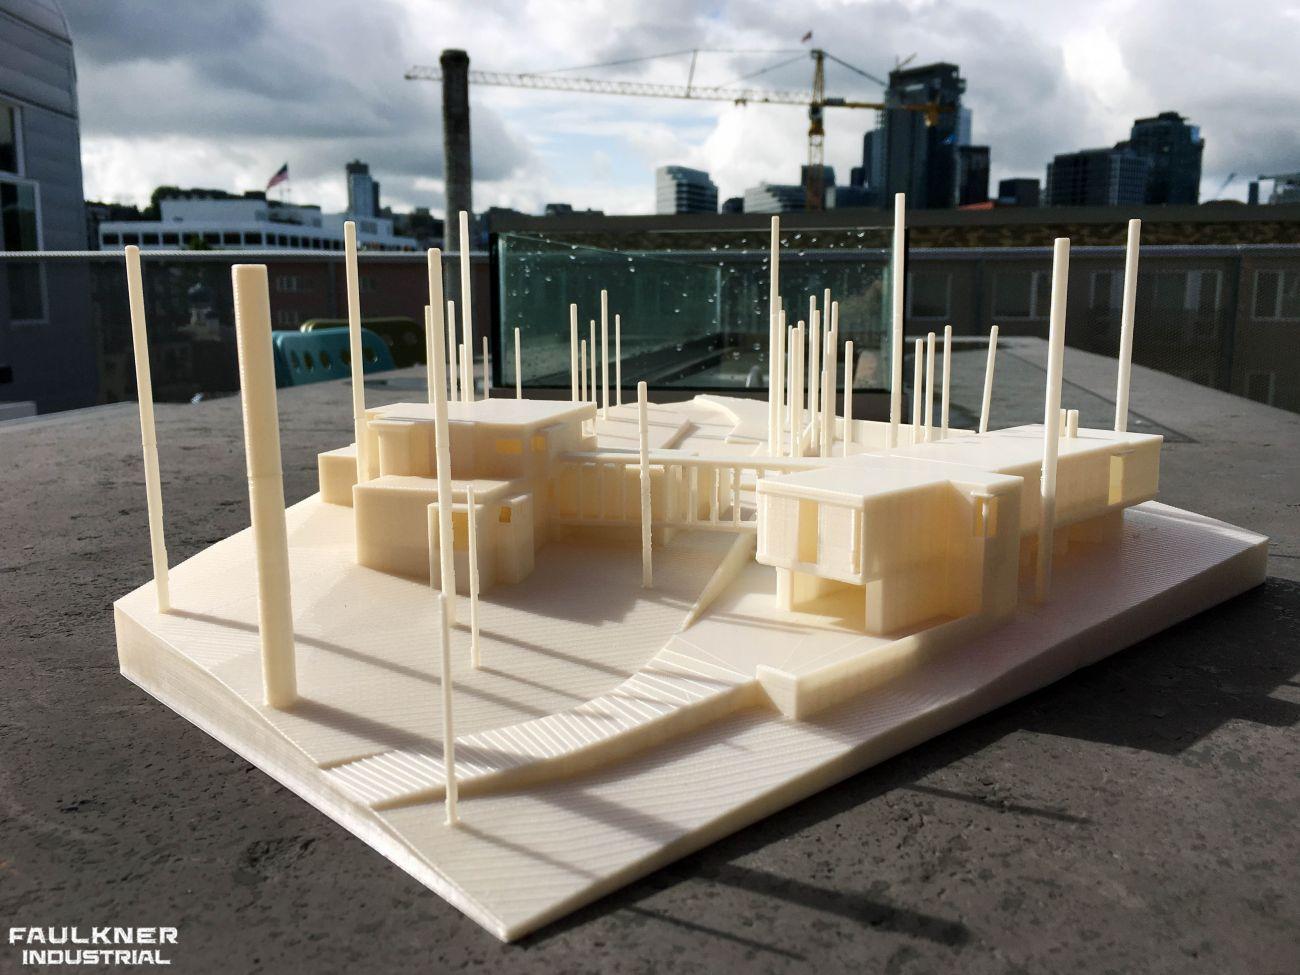 3D-printad modell uppvisad utomhus